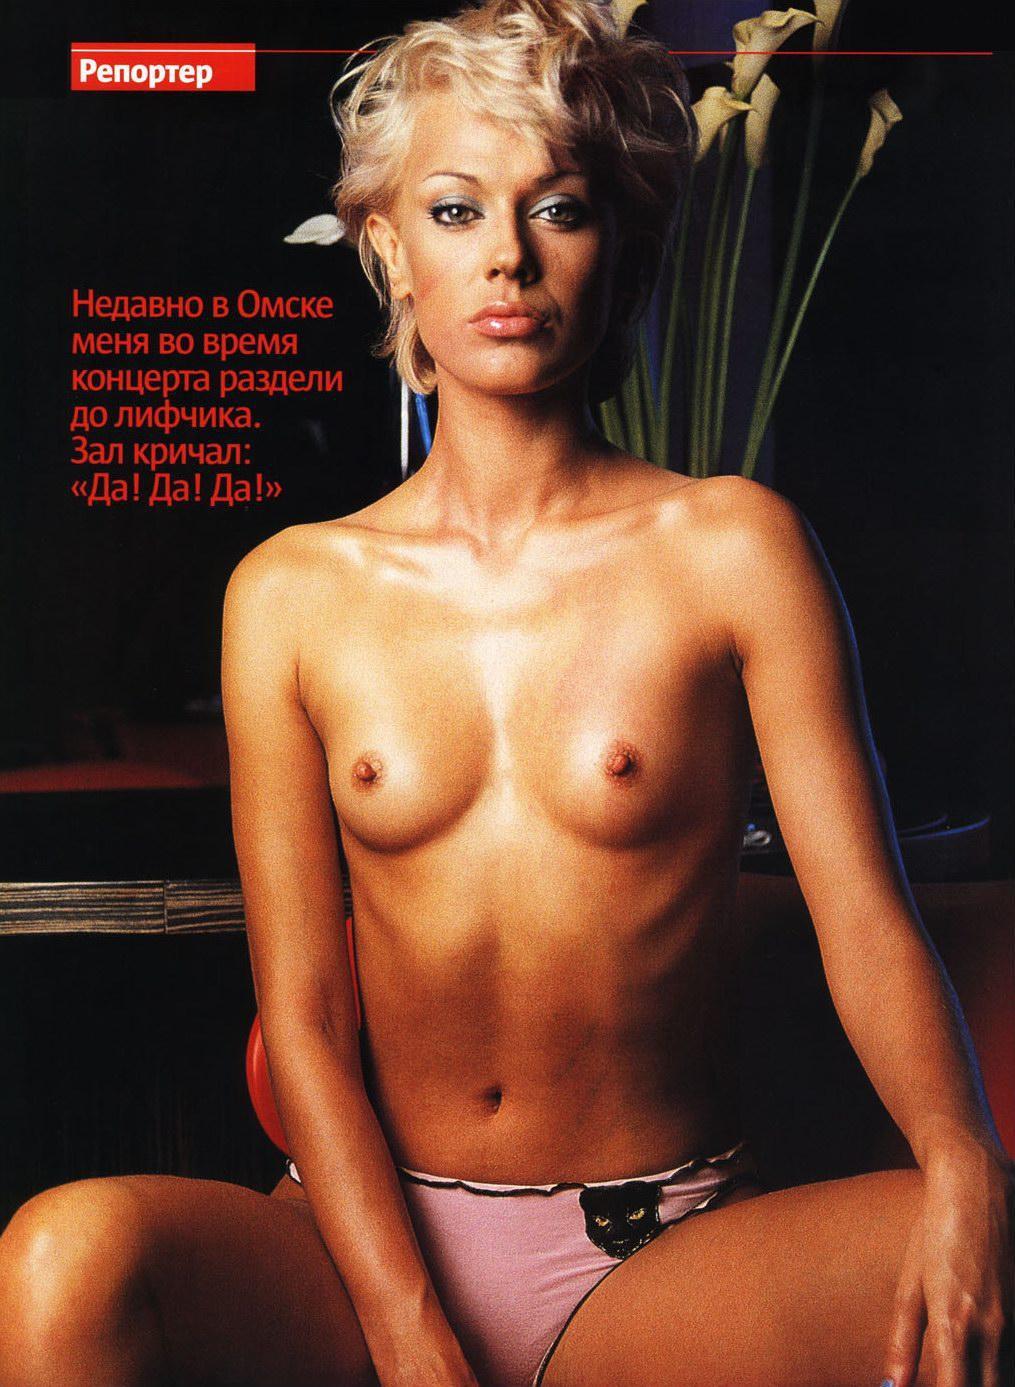 Татьяна федоровская голые фото 1 фотография